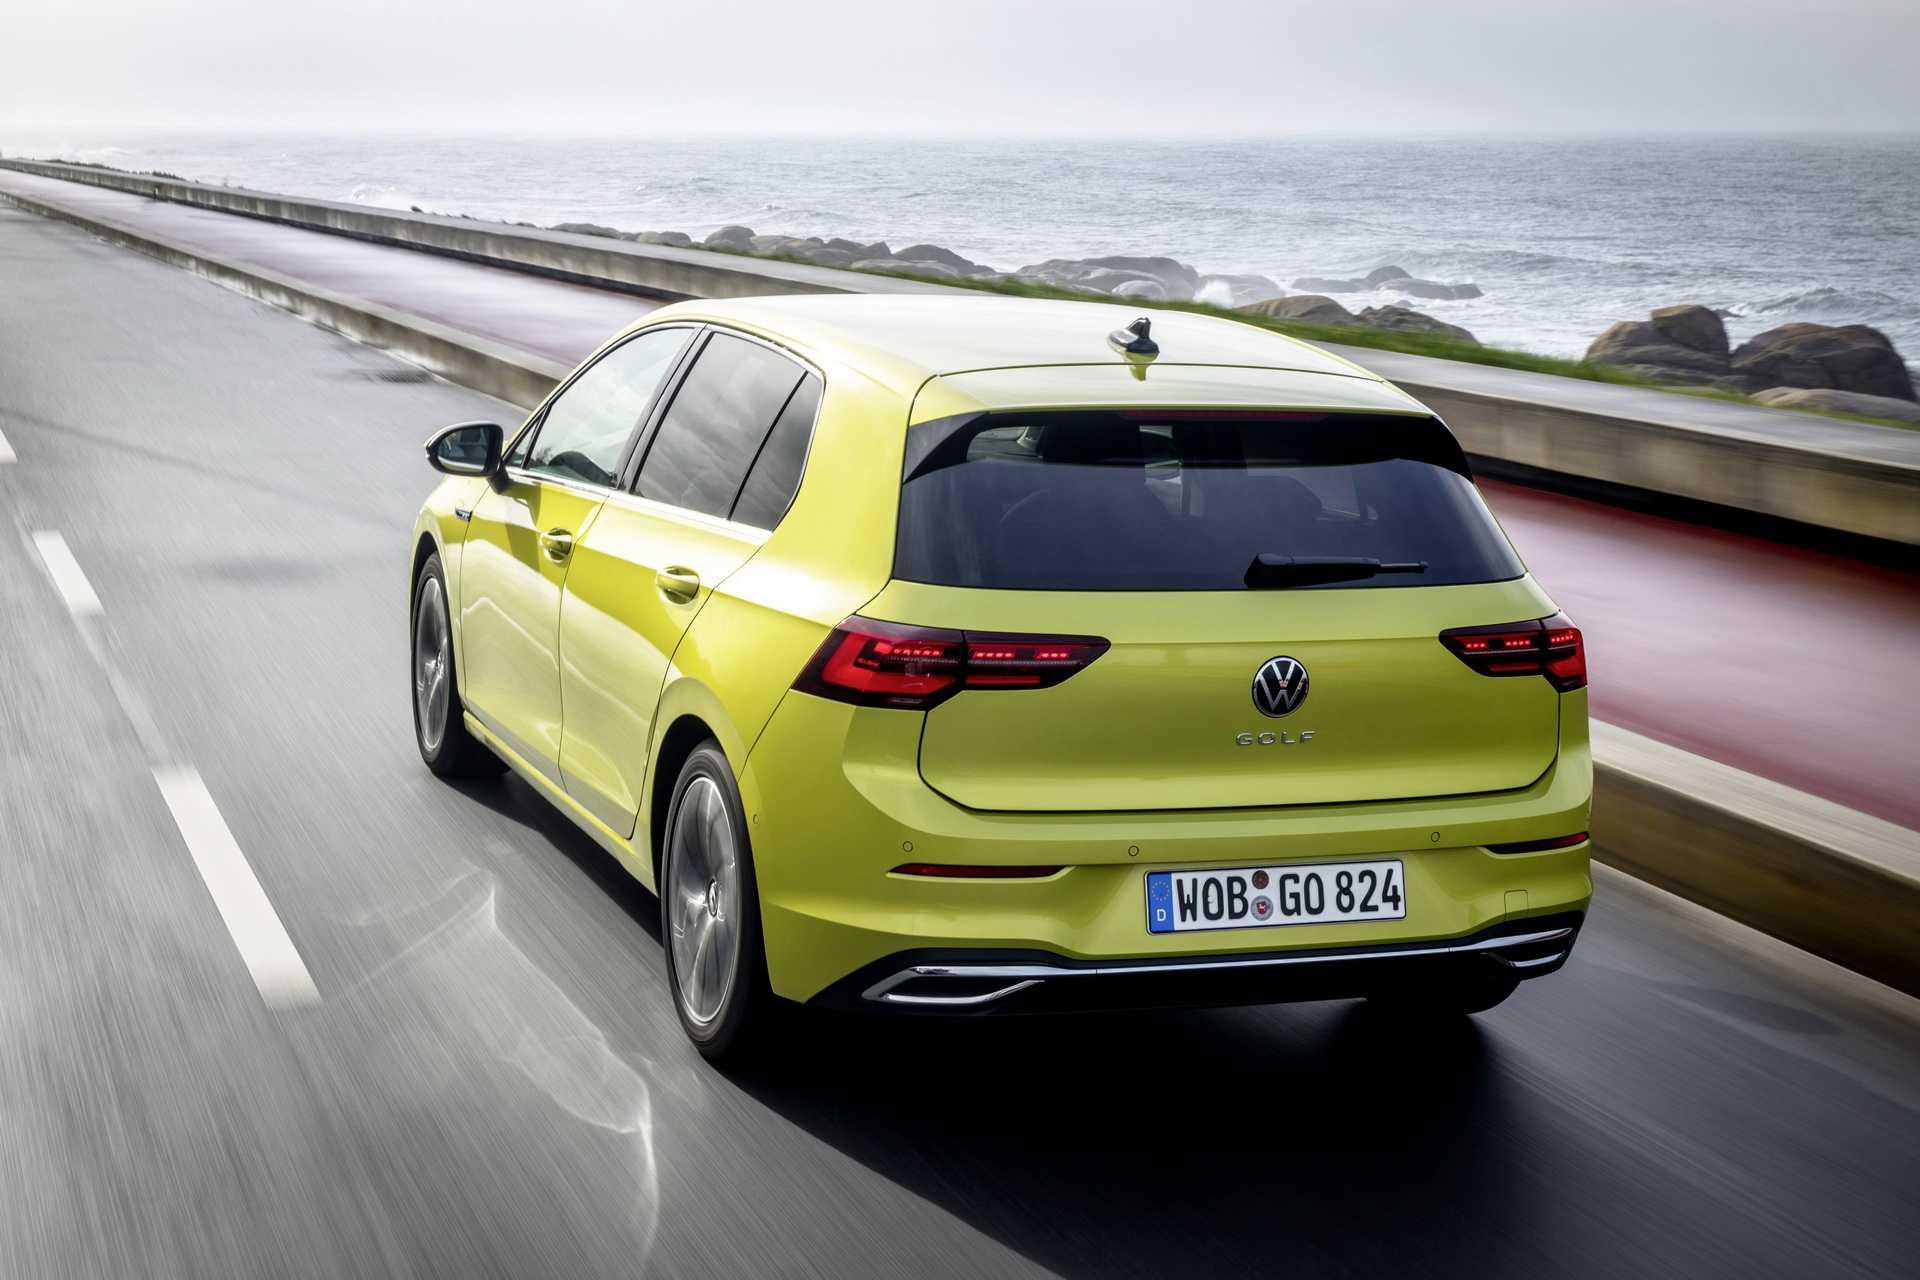 Новый volkswagen golf 2019-2020 цена, технические характеристики, фото, видео